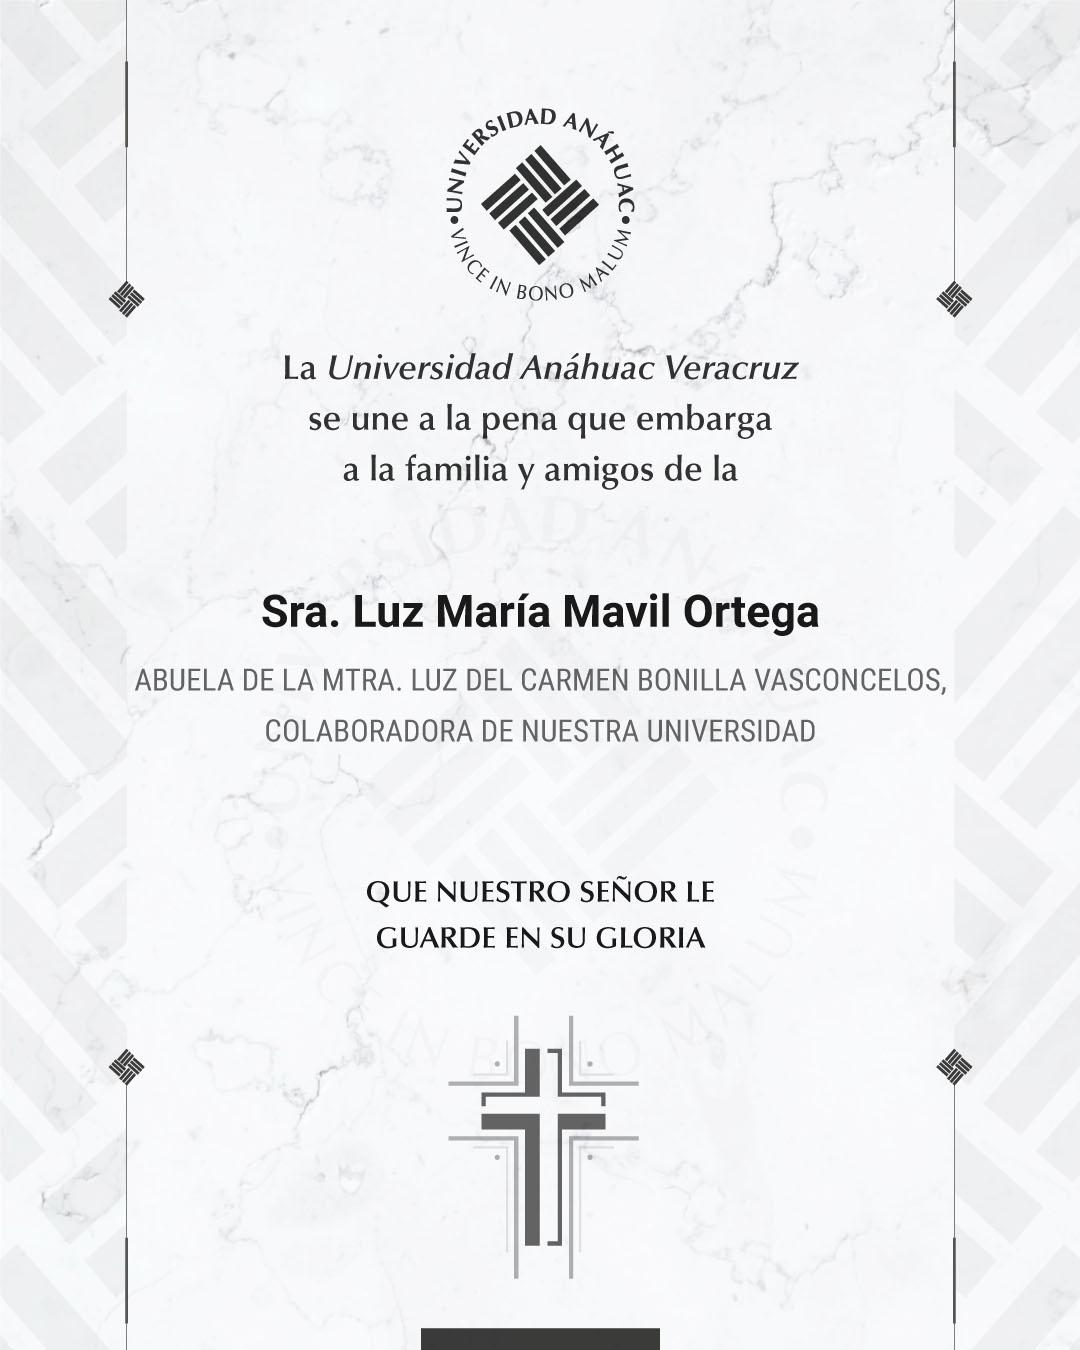 11 / 14 - Sra. Luz María Mavil Ortega